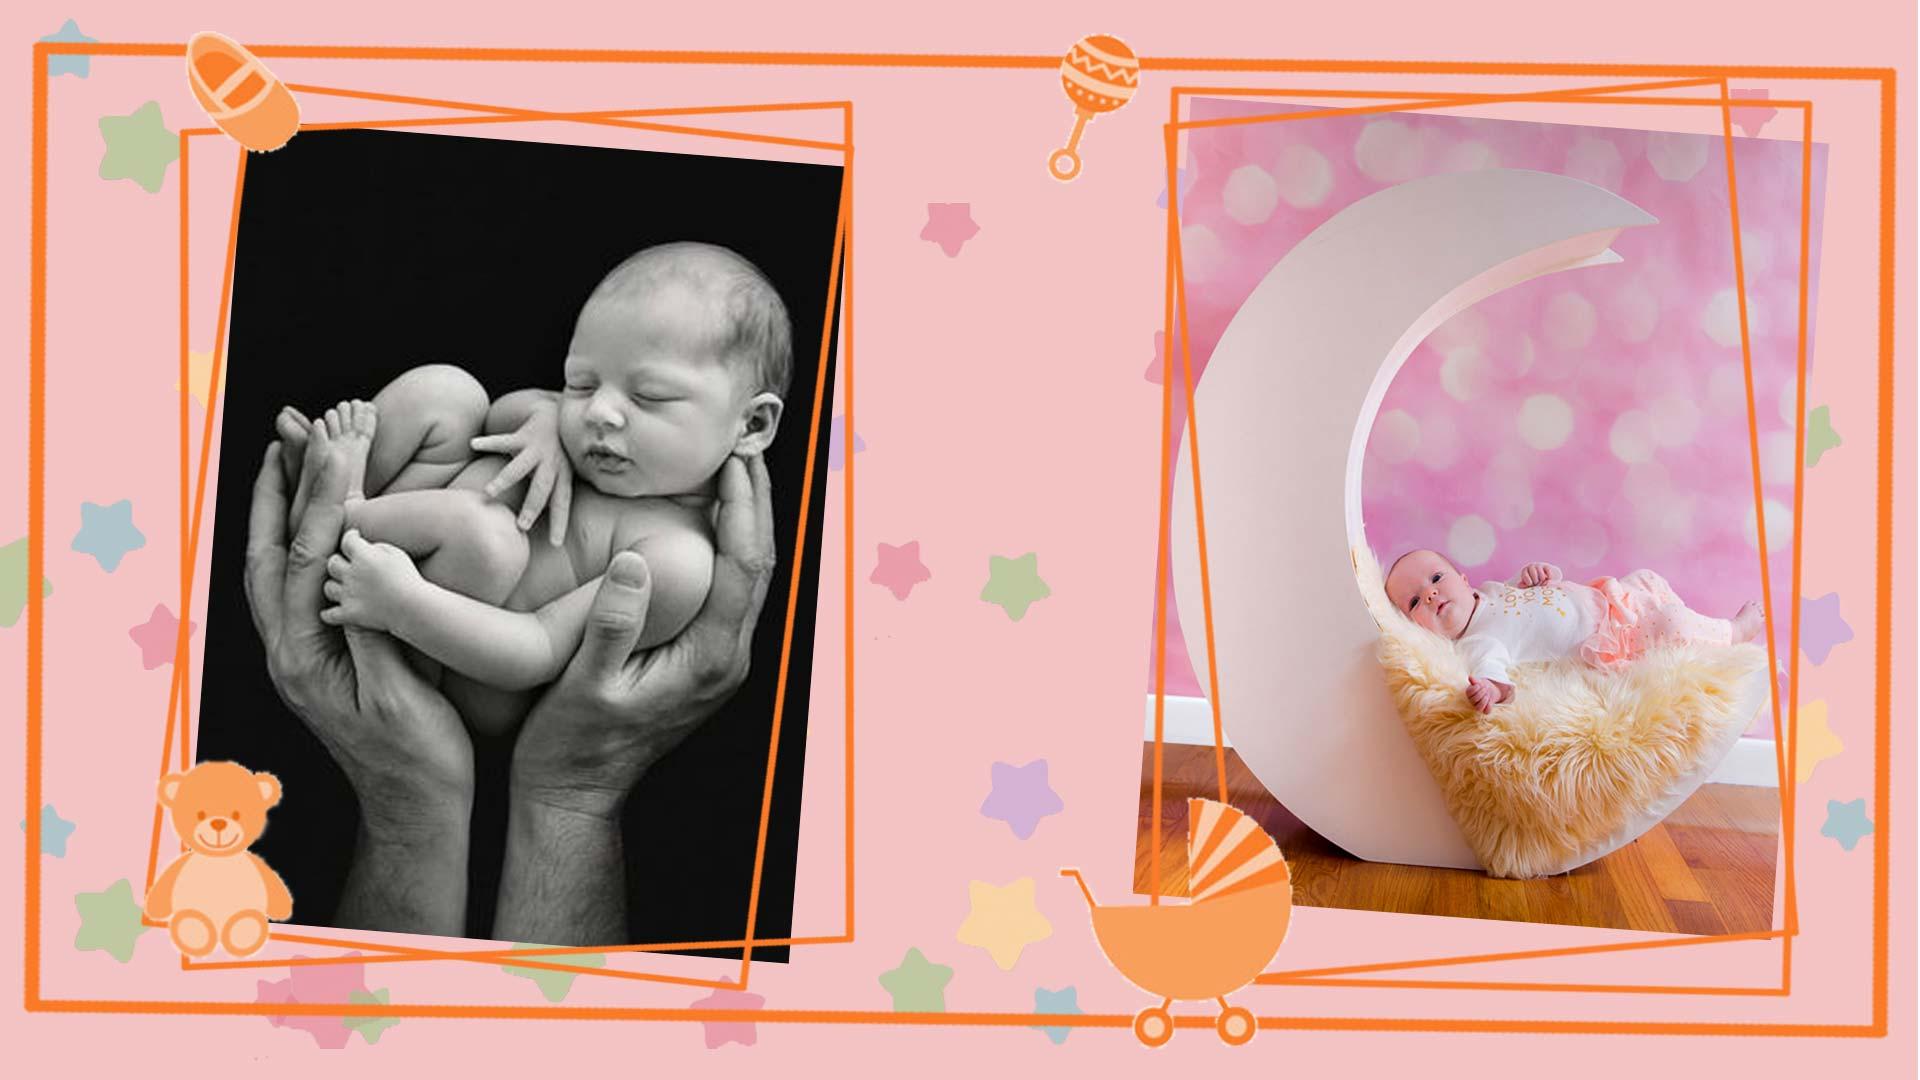 baby photography120 - نکات عکاسی از کودک و نوزاد